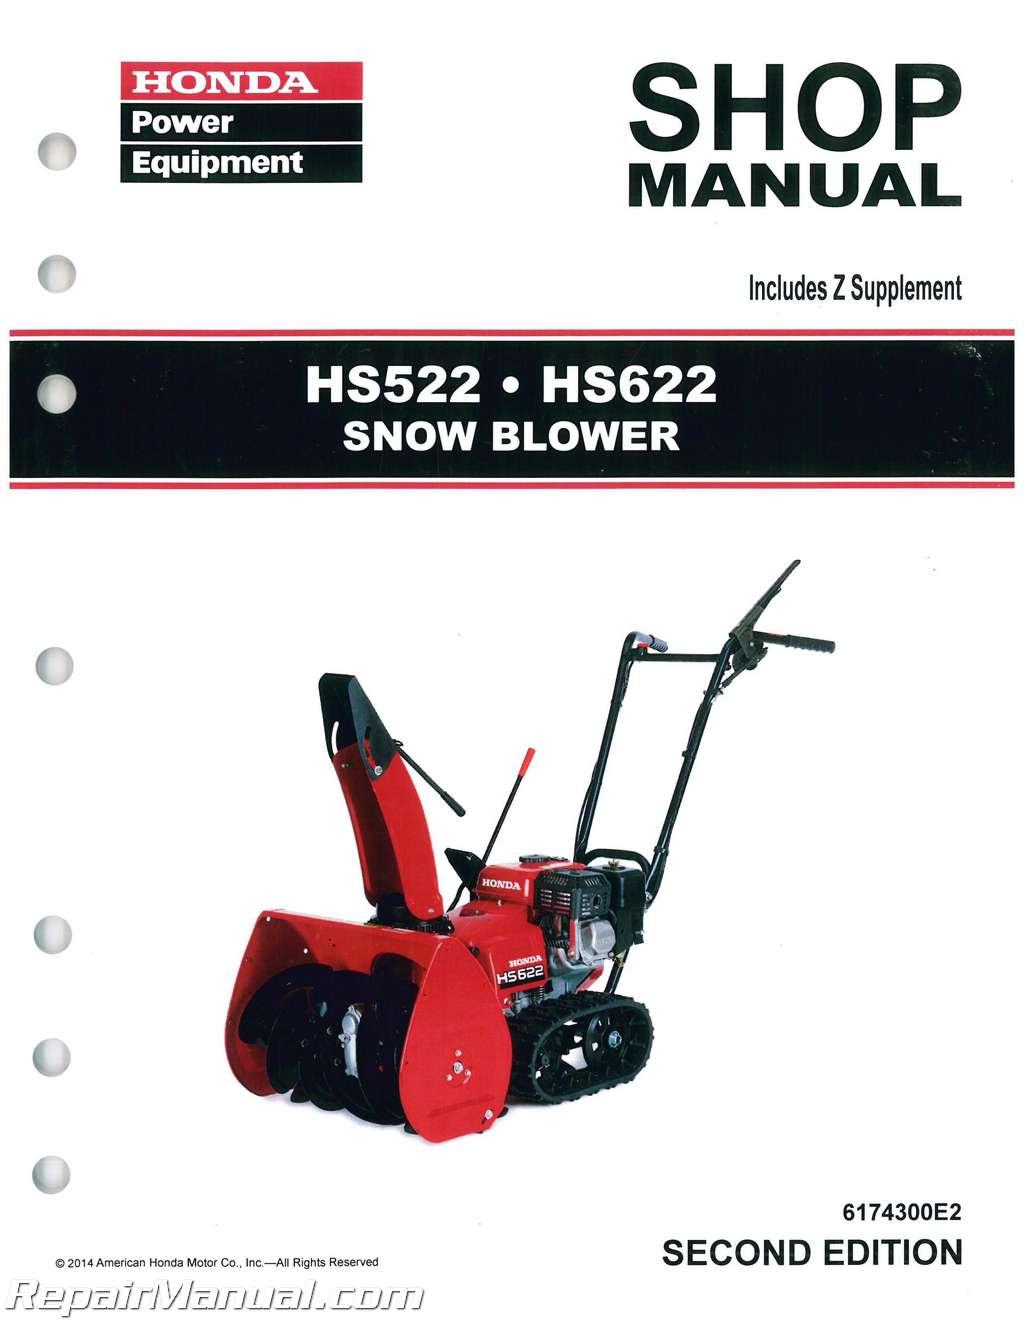 honda hs522 hs622 snowblower shop manual rh repairmanual com honda hs928 service manual honda hs928 shop manual download